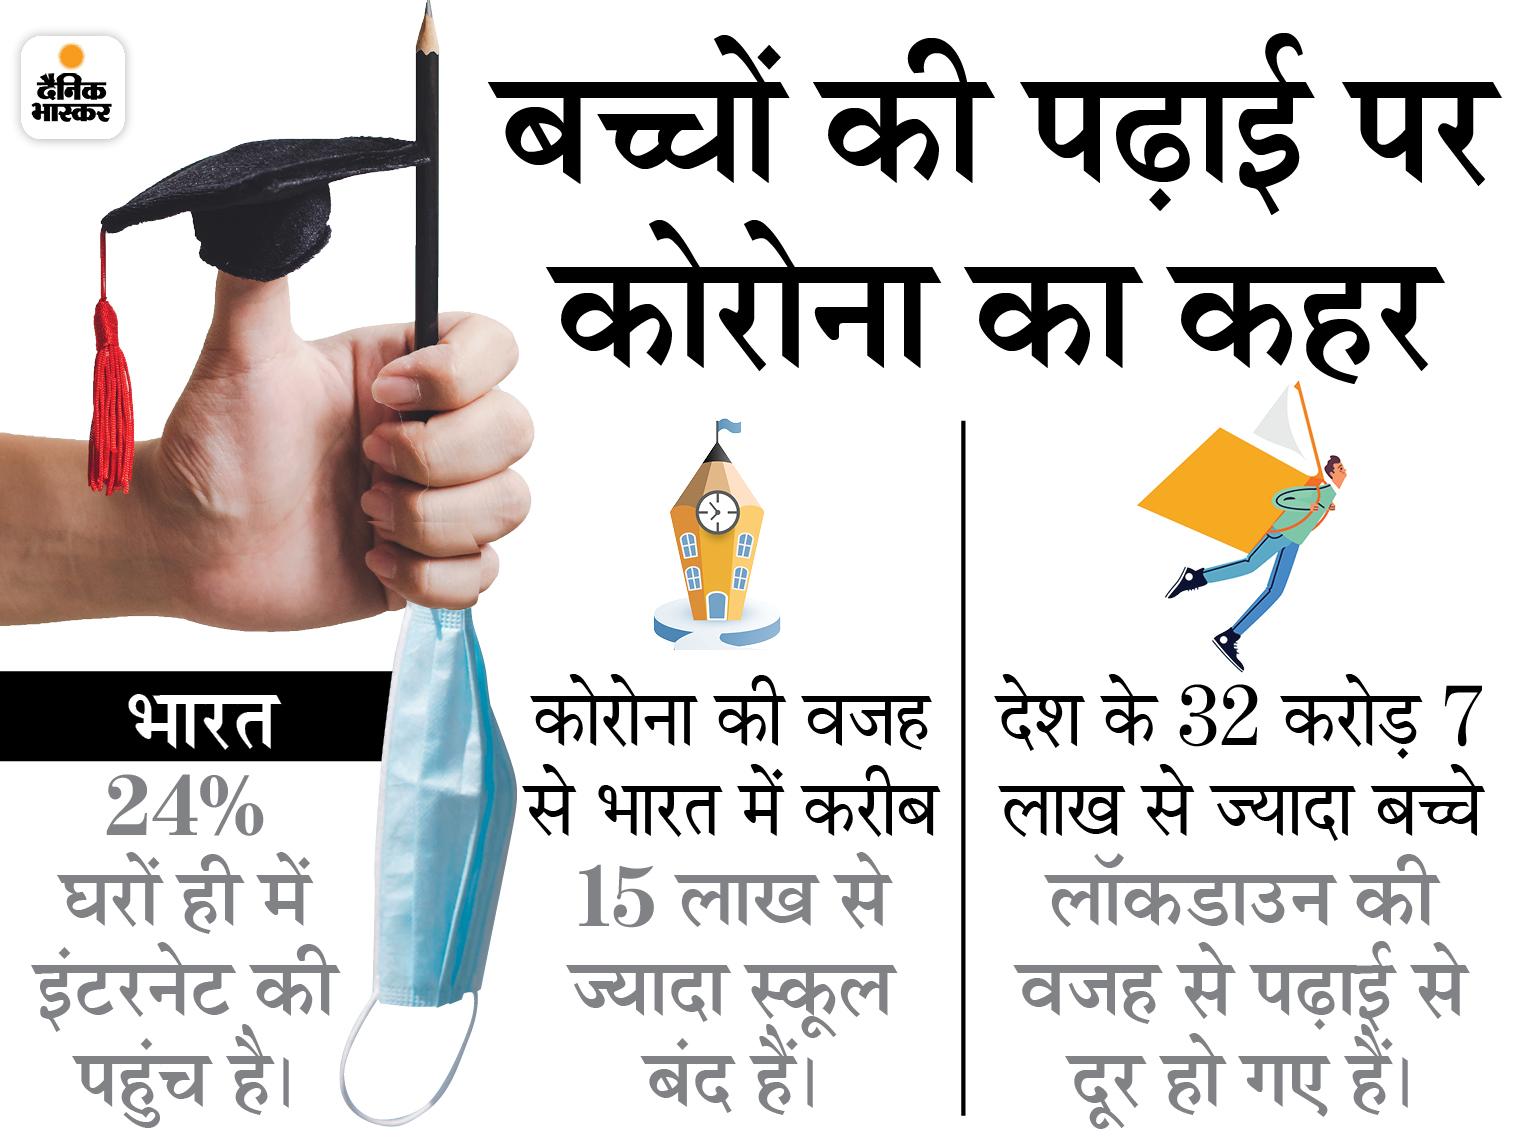 ज्यादातर बच्चे ऑनलाइन क्लास से चिढ़ गए हैं; कई परिवार कर्ज लेने के लिए मजबूर हुए, तो कई बच्चों पर पढ़ाई छूटने का संकट DB ओरिजिनल,DB Original - Dainik Bhaskar